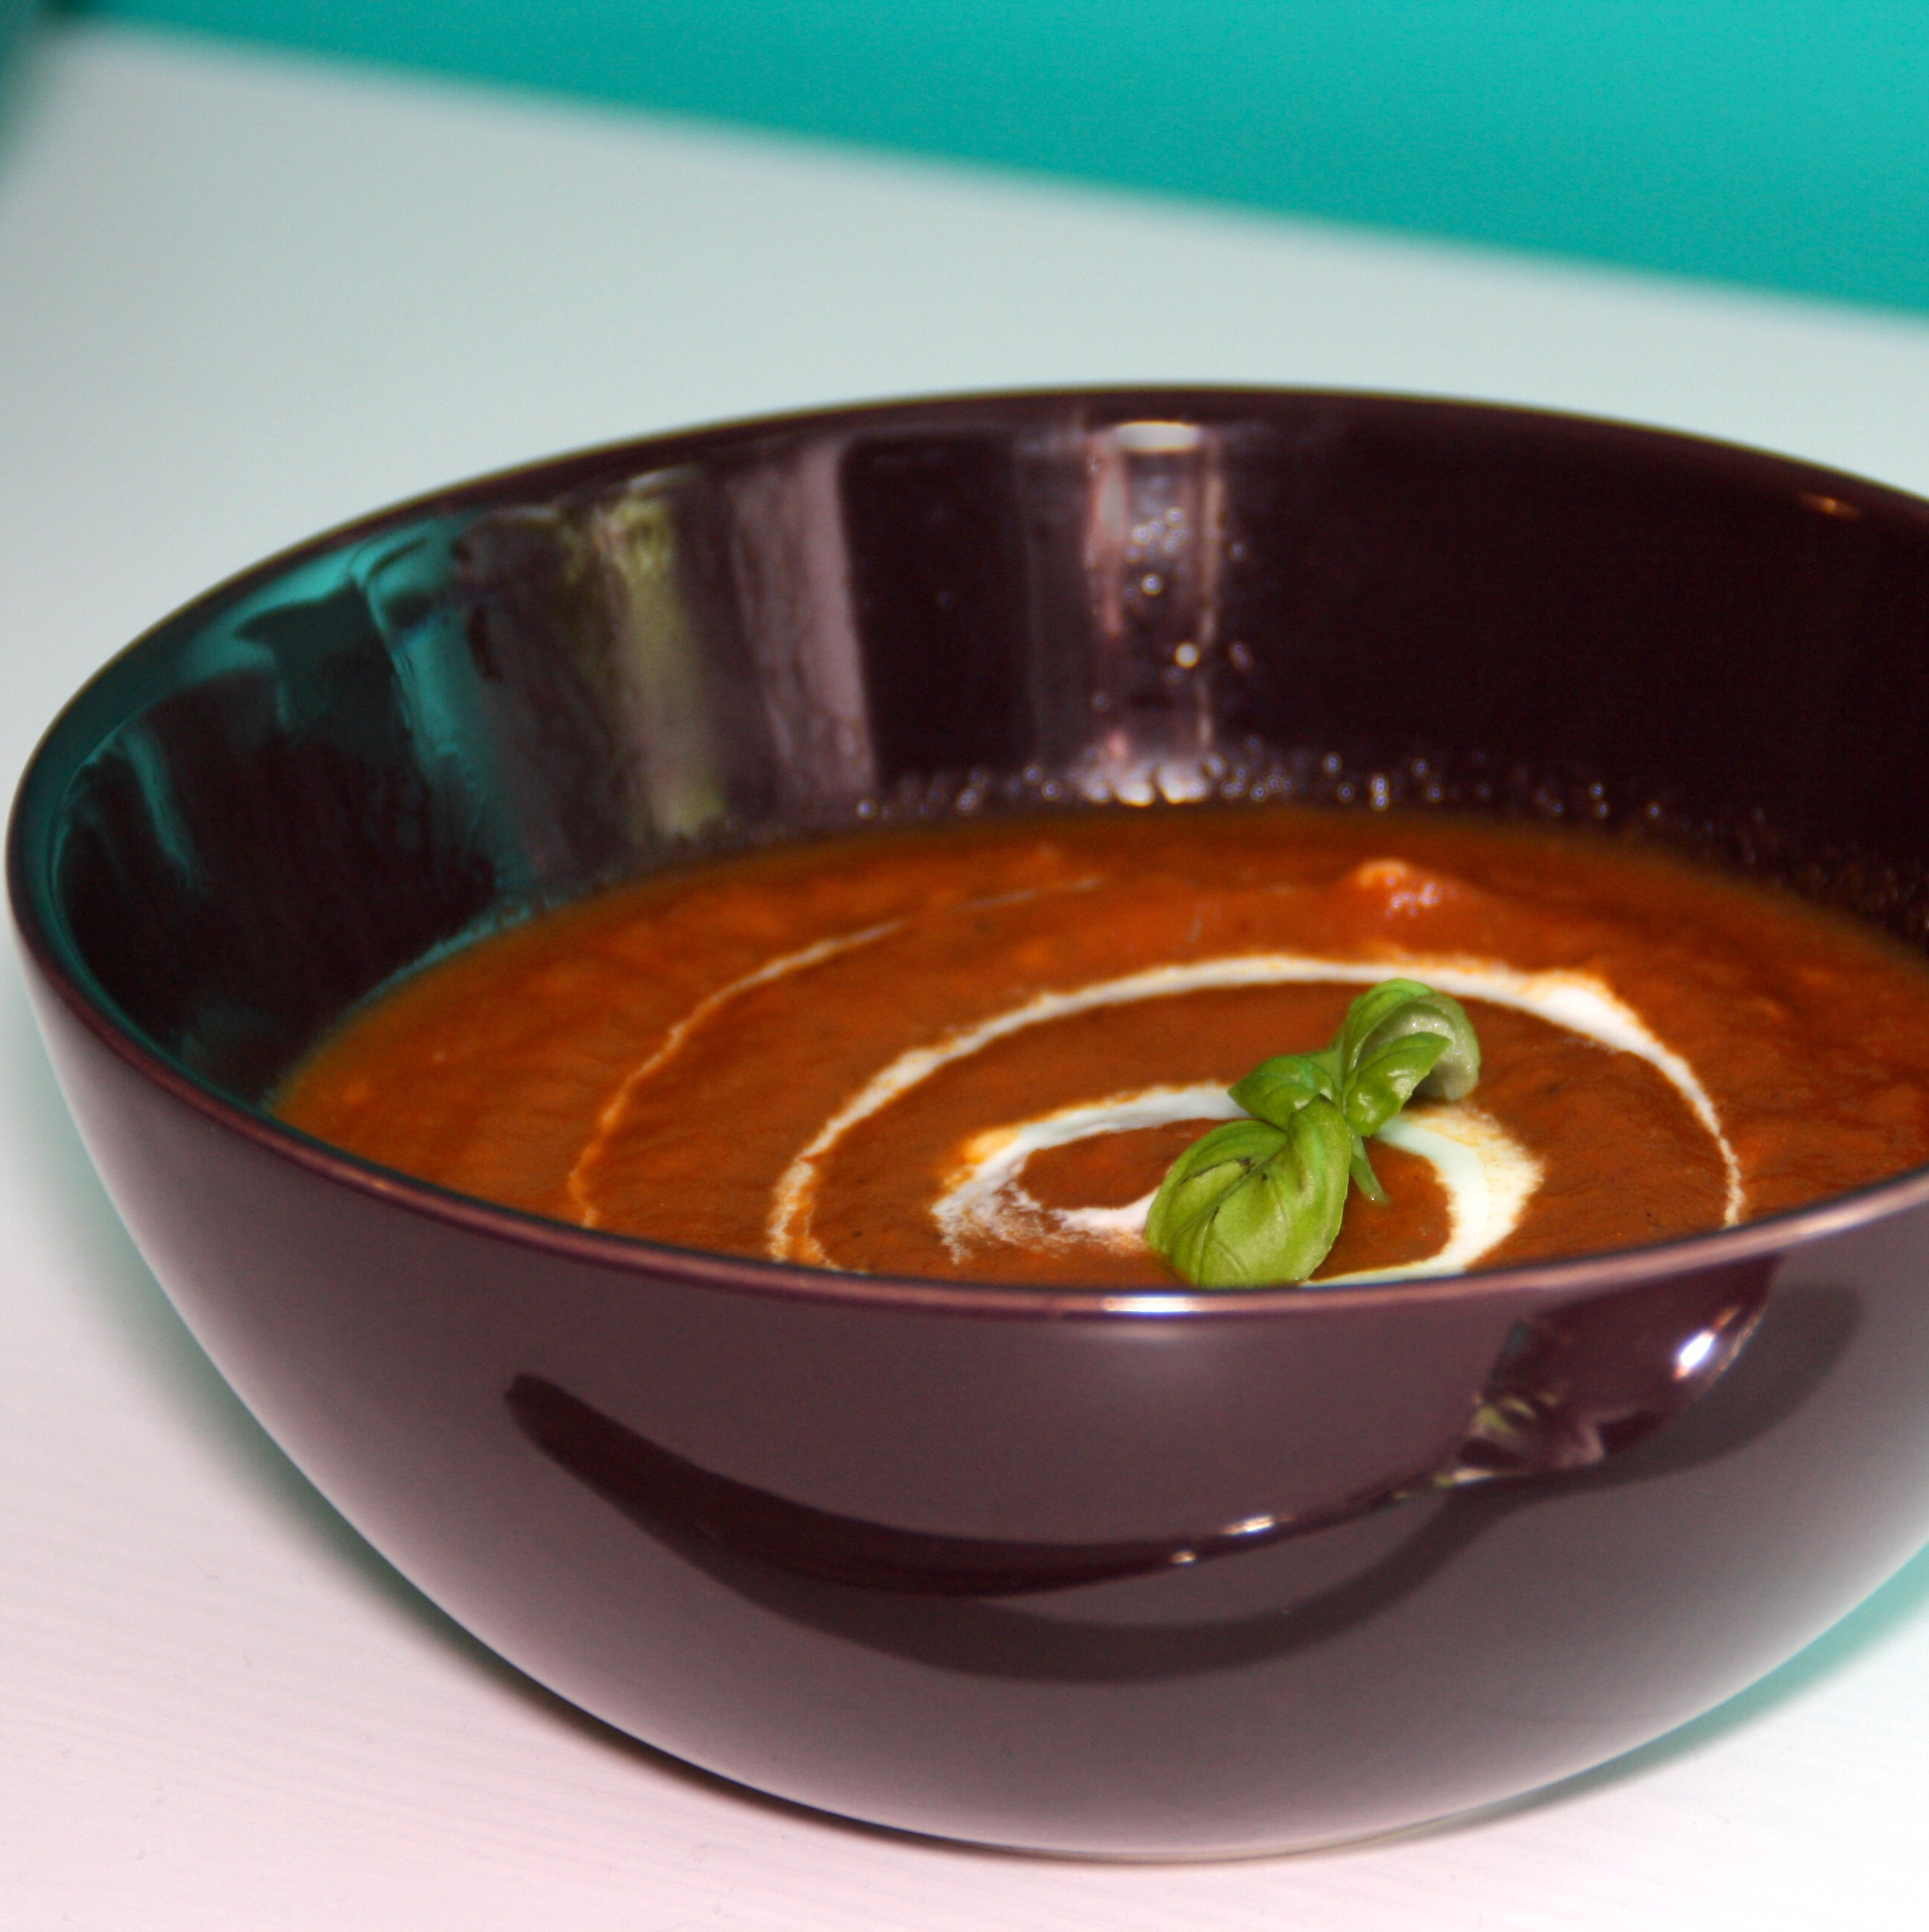 Leichte Mediterrane Küche Rezepte | Outdoor Küche Für Weber Grill ...